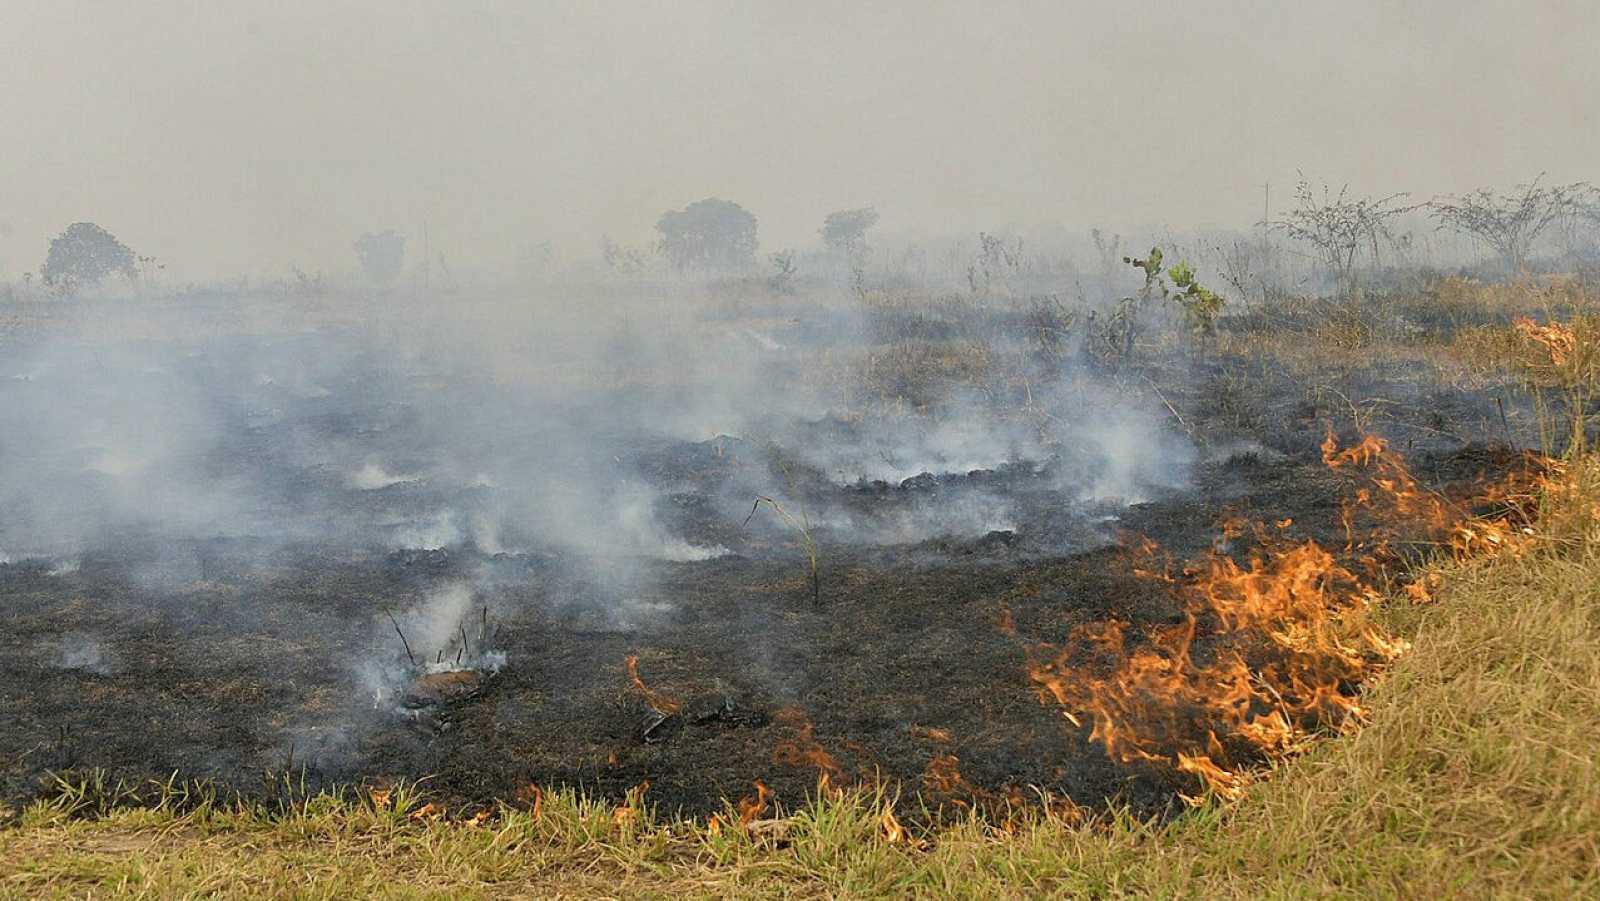 Incendio en agosto de 2020 en las cercanías de Cuiabá, estado de Mato Grosso (Brasil).